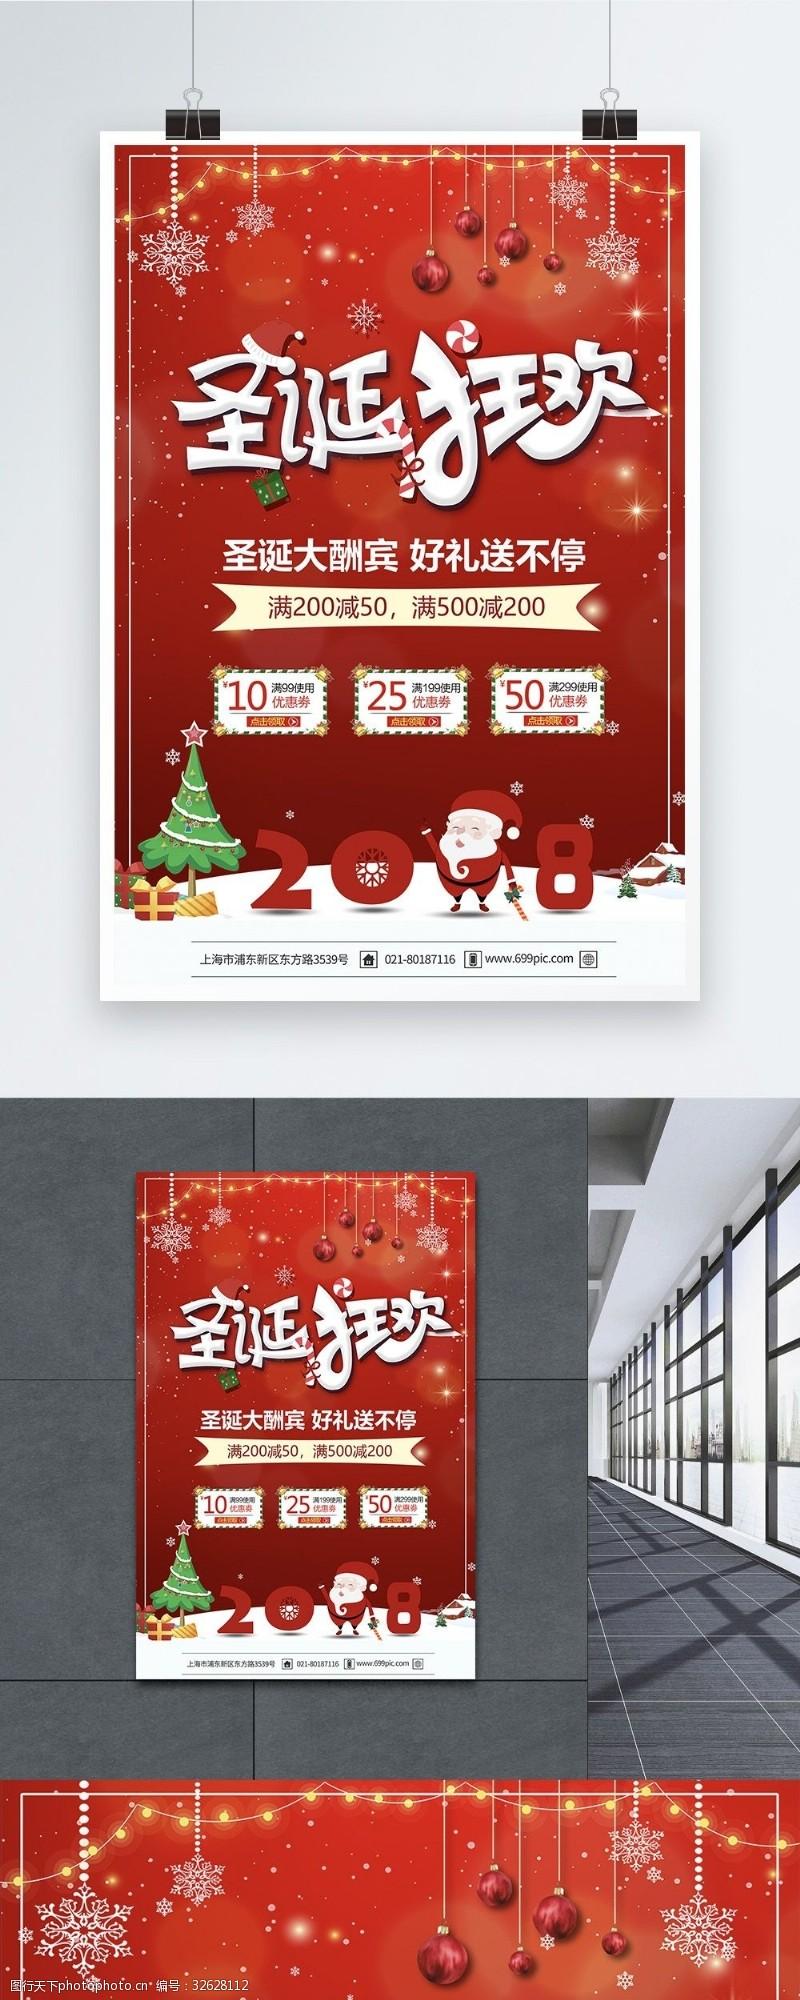 节日海报圣诞节圣诞狂欢节节日海报